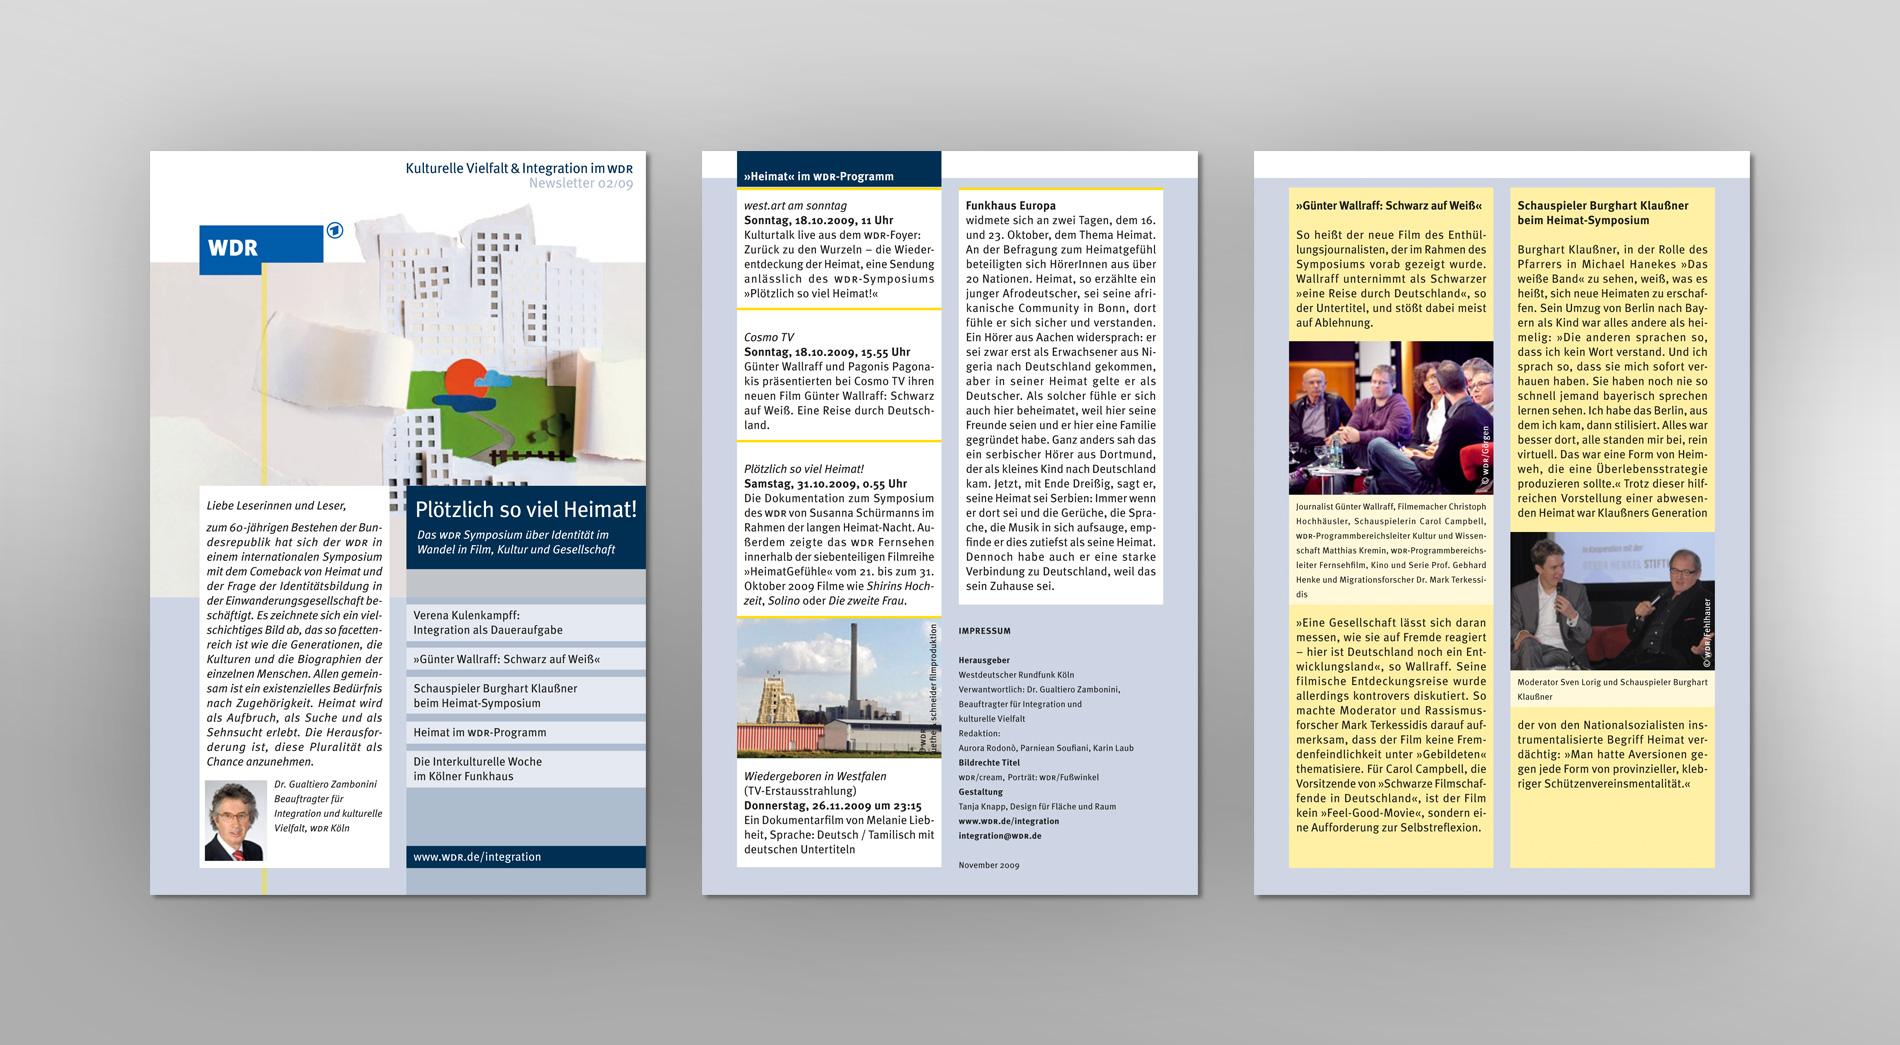 WDR Newsletter 02/2009 für kulturelle Vielfalt und Integration